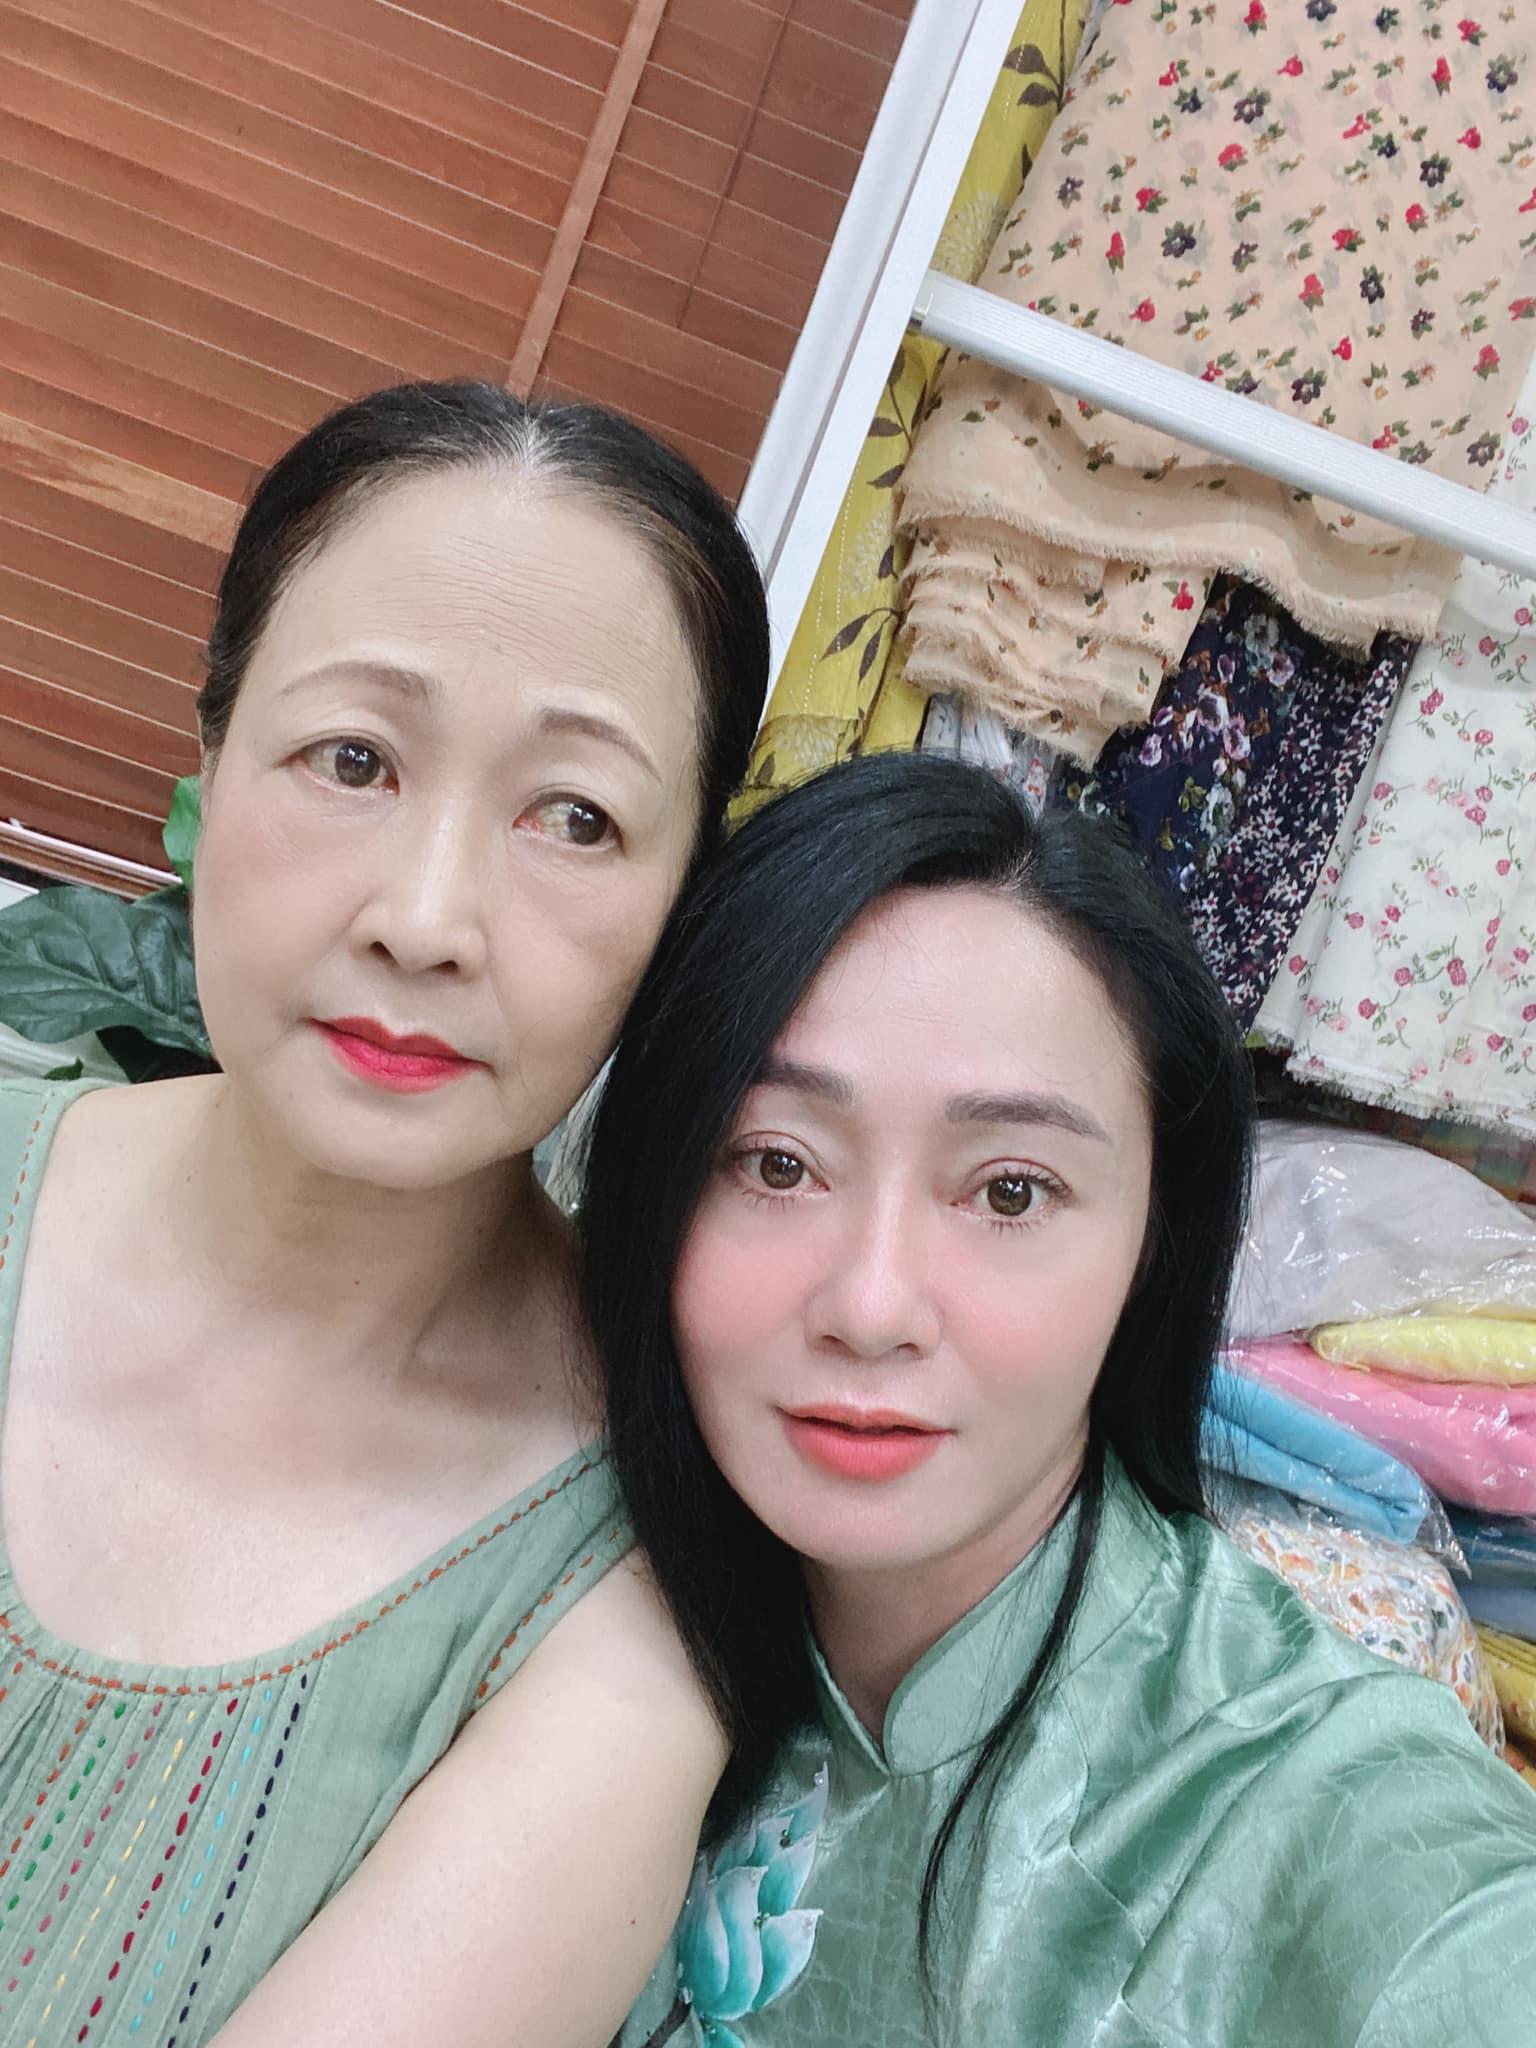 Tổng hợp ảnh hậu trường của 'Hương vị tình thân' chưa được lên sóng: Bà Xuân 'dằn mặt' bà Bích vì 'liếc mắt đưa tình'? 18